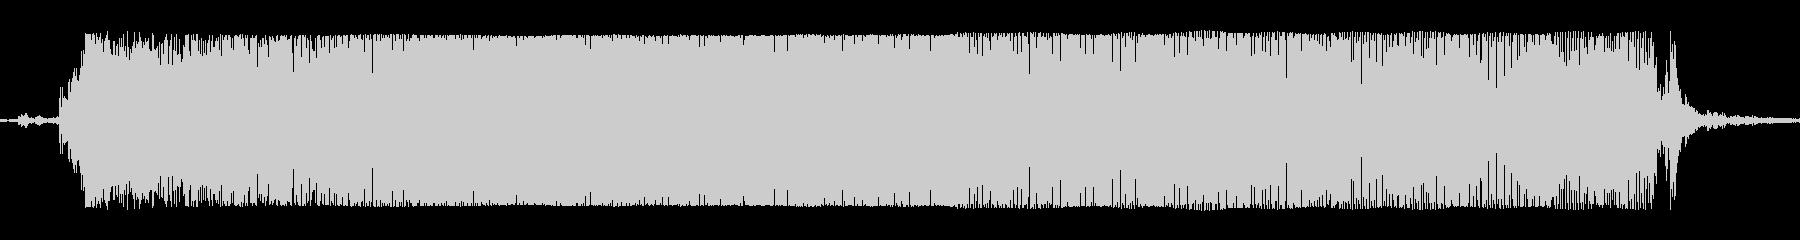 ギターメタルパワーコードoの未再生の波形